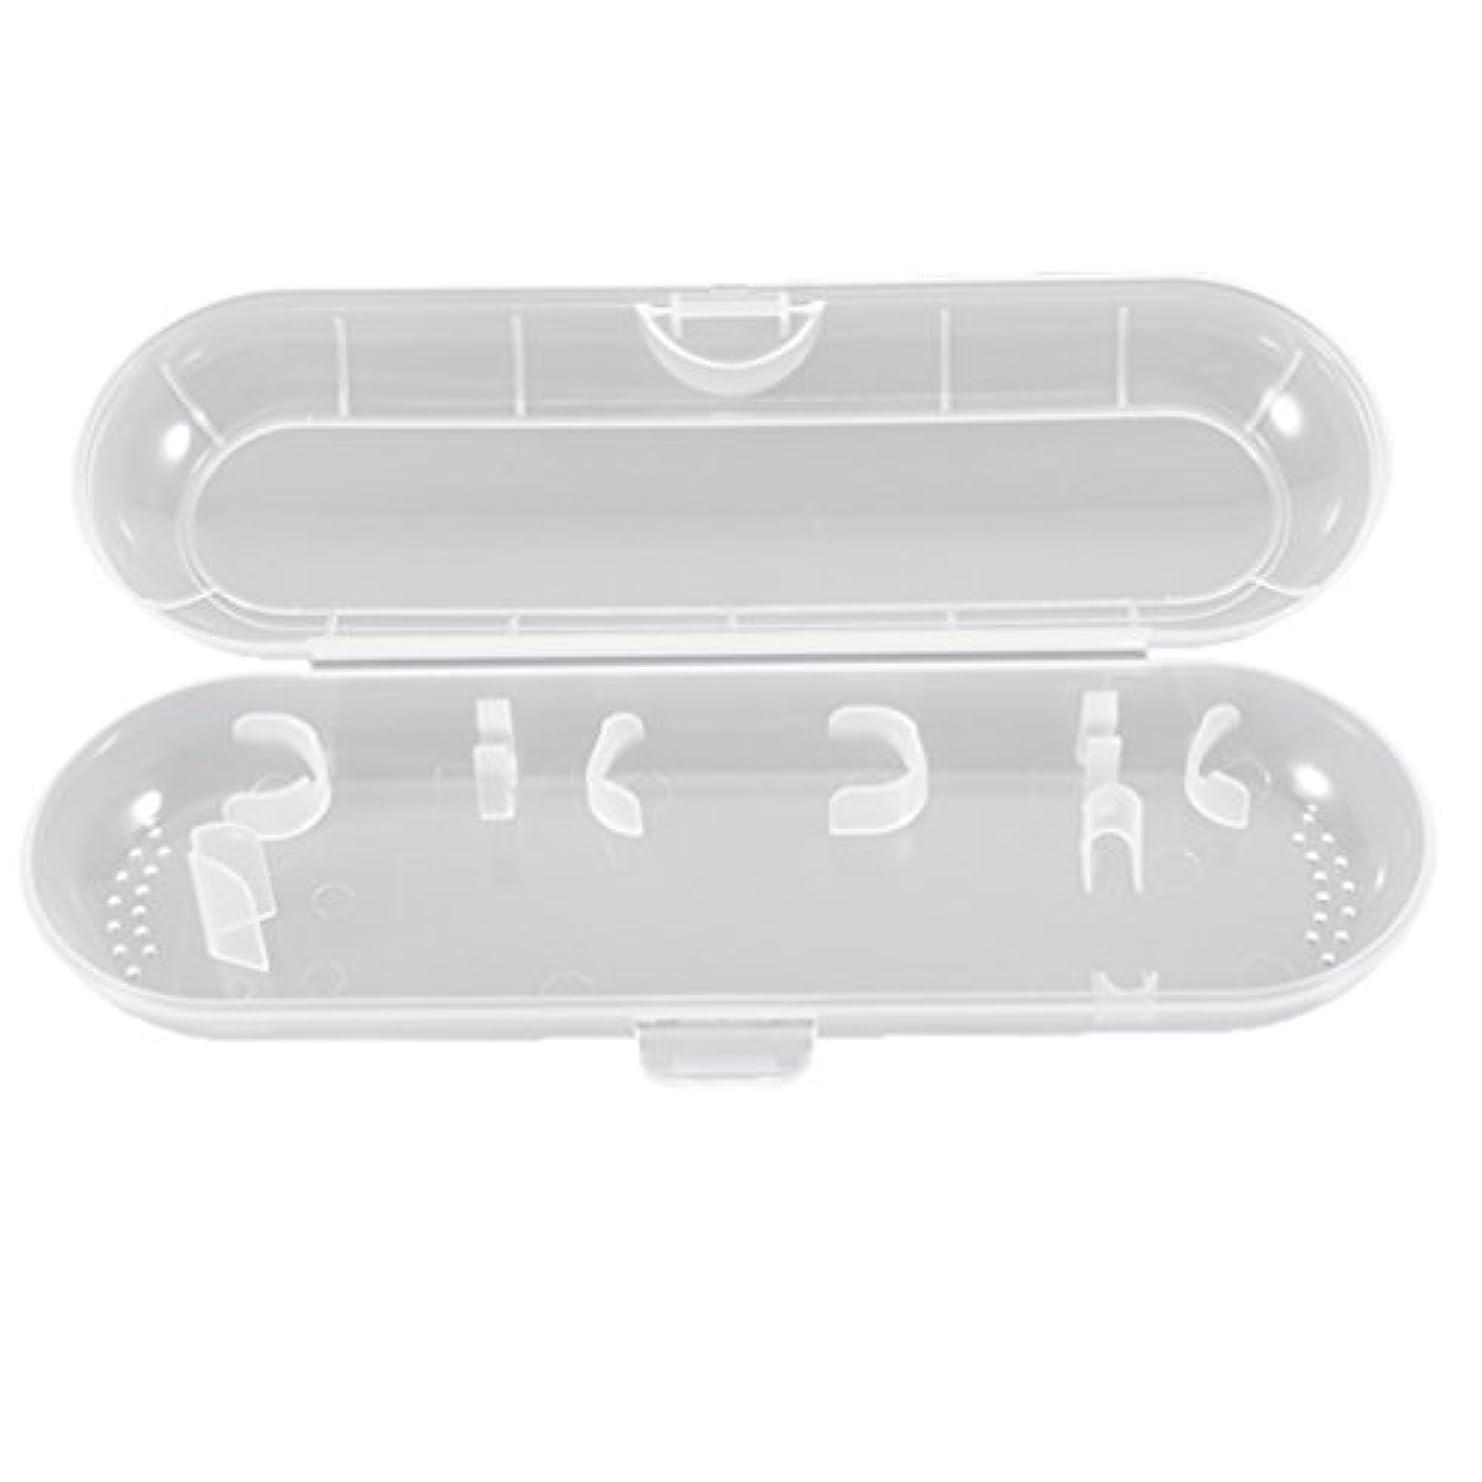 うめき費用消費者Honel 透明 電動歯ブラシ収納ボックス プラスチック 電動歯ブラシケース 収納ケース ブラウン オーラルB対応